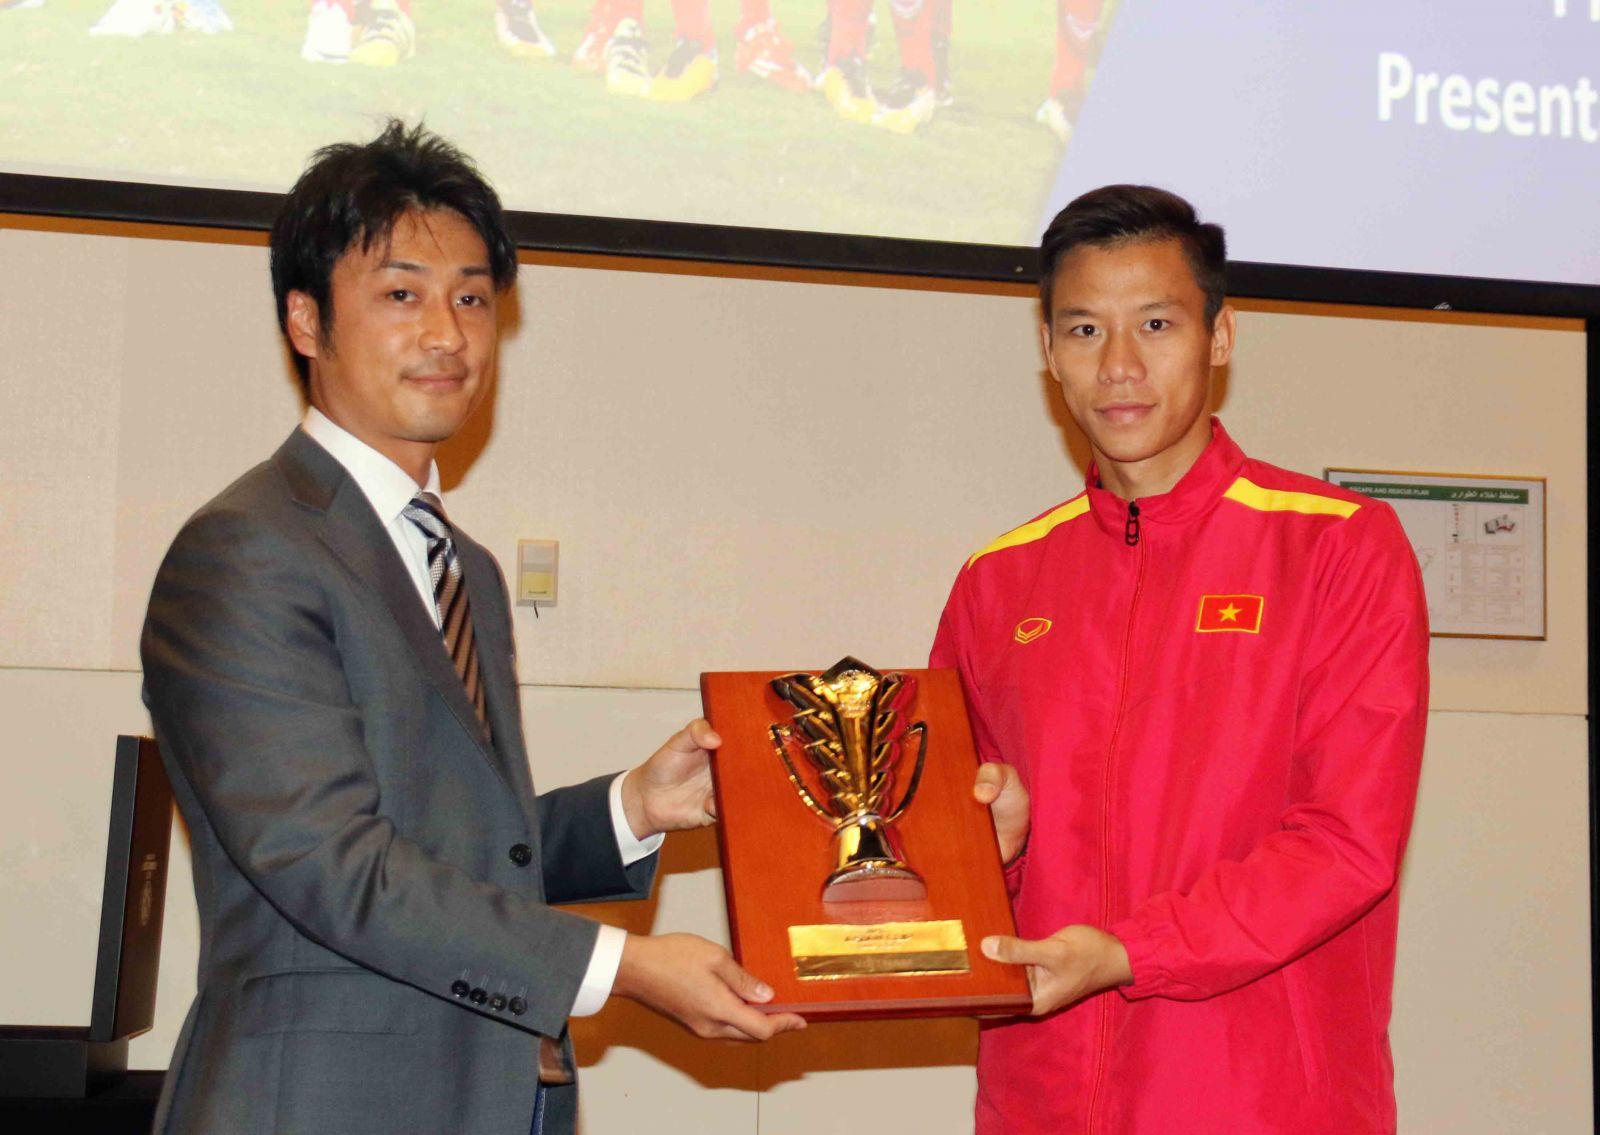 Tại cuộc họp, đội trưởng Quế Ngọc Hải thay mặt đội tuyển nhận Kỷ niệm chương Asian Cup 2019.